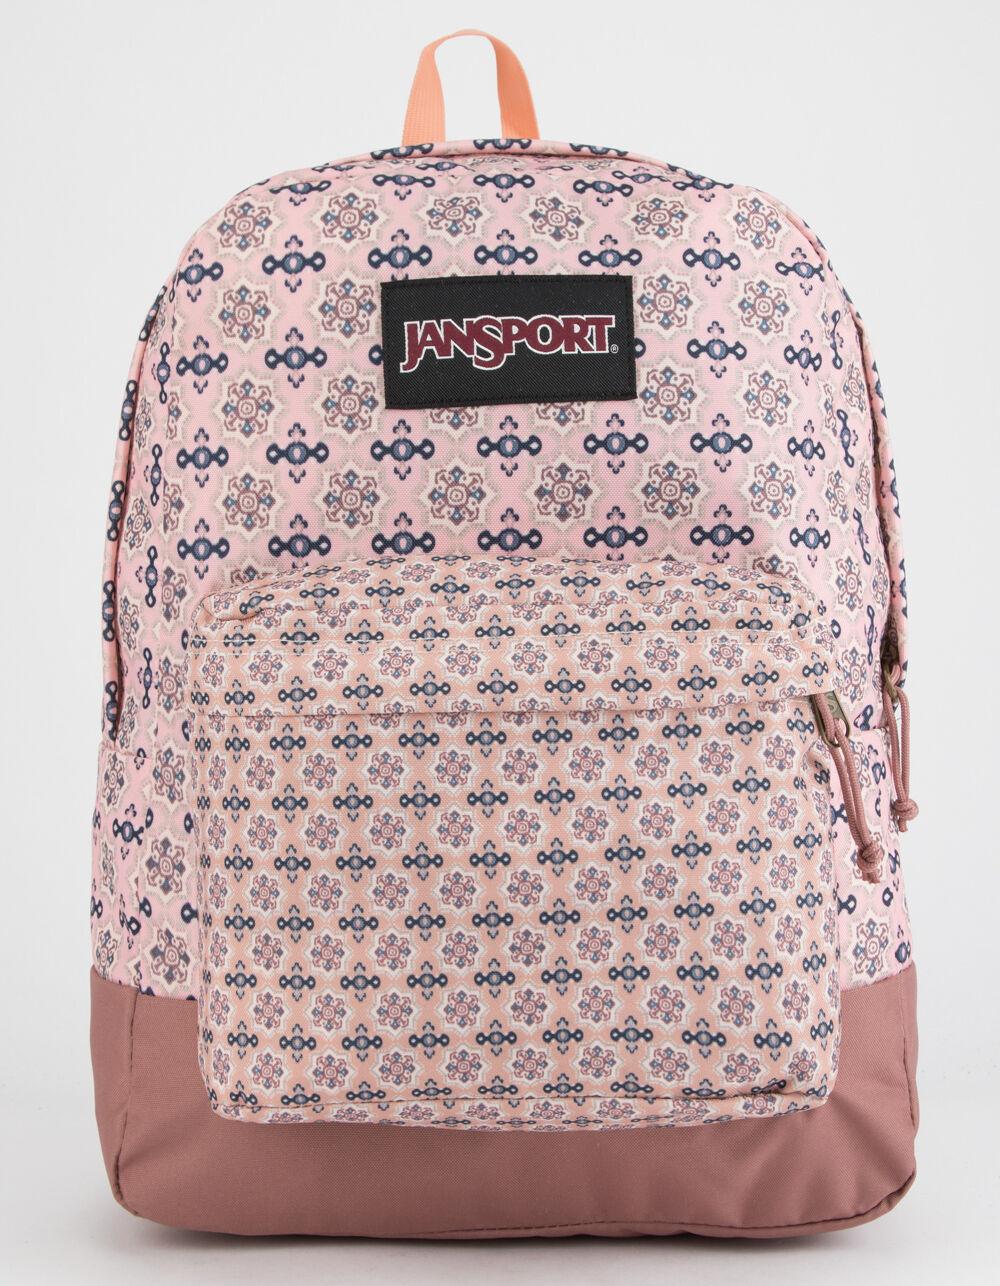 JANSPORT Black Label SuperBreak Boho Block Backpack